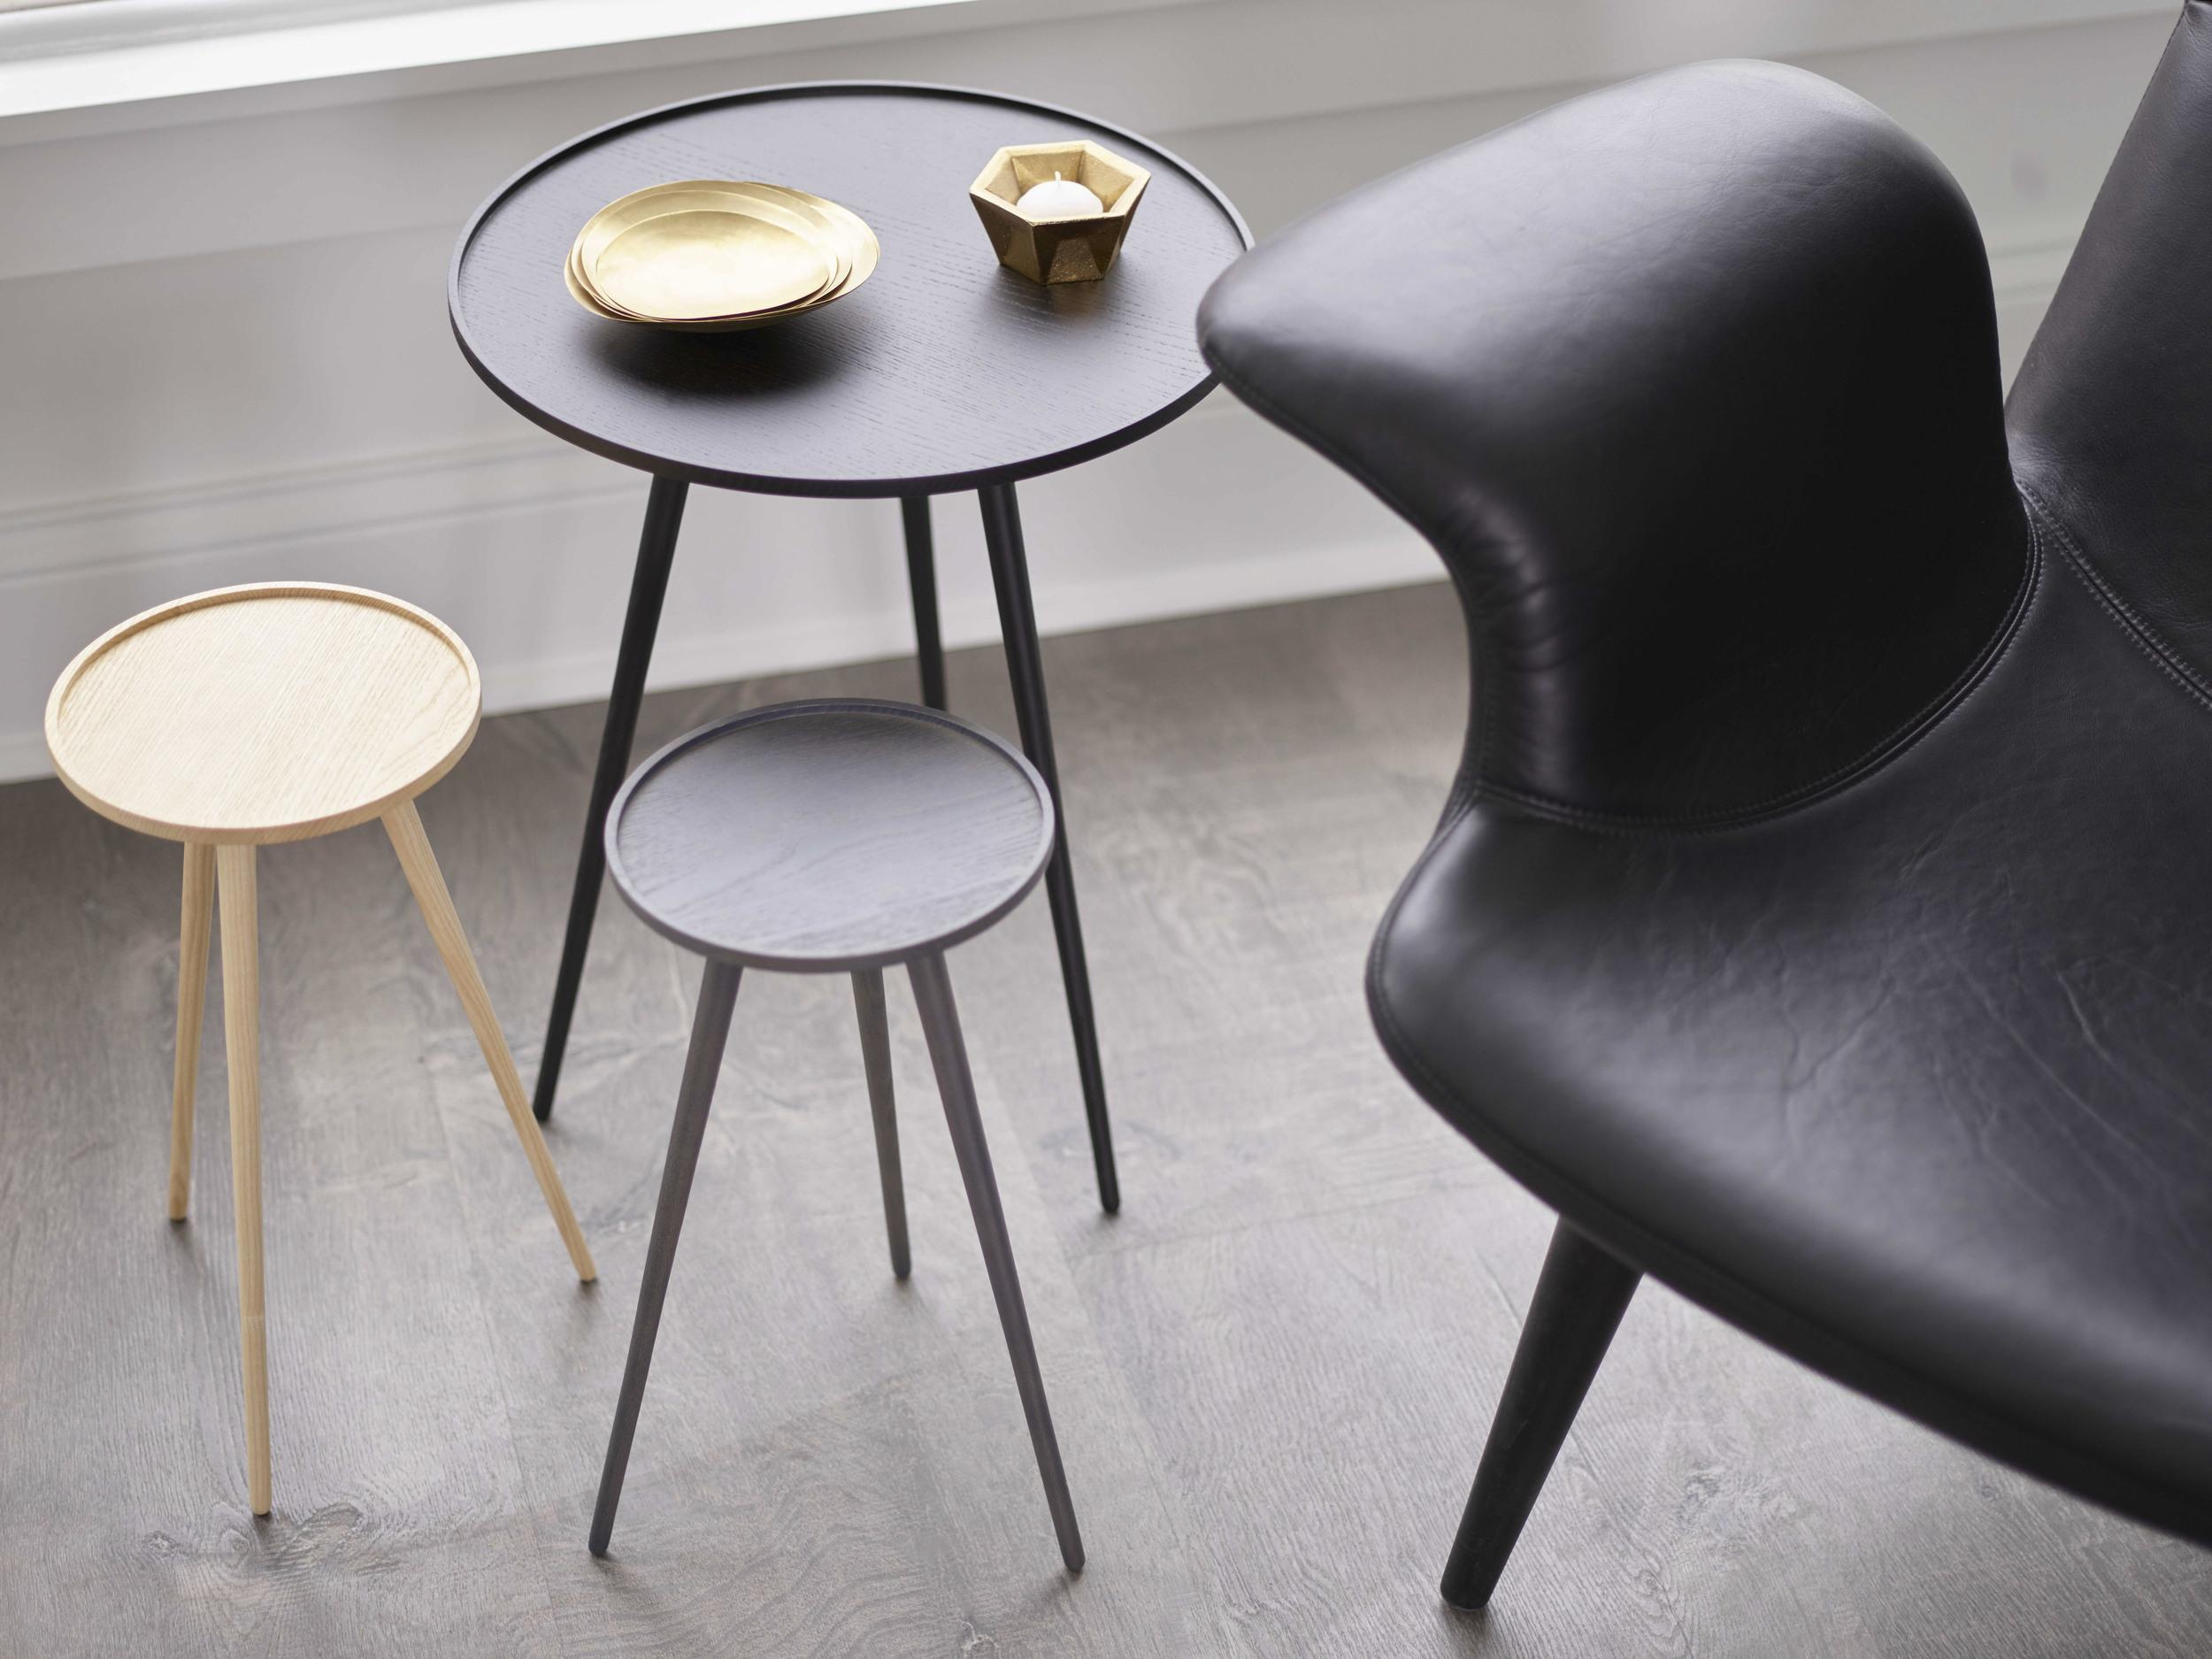 Design Lab Chair & Chaise